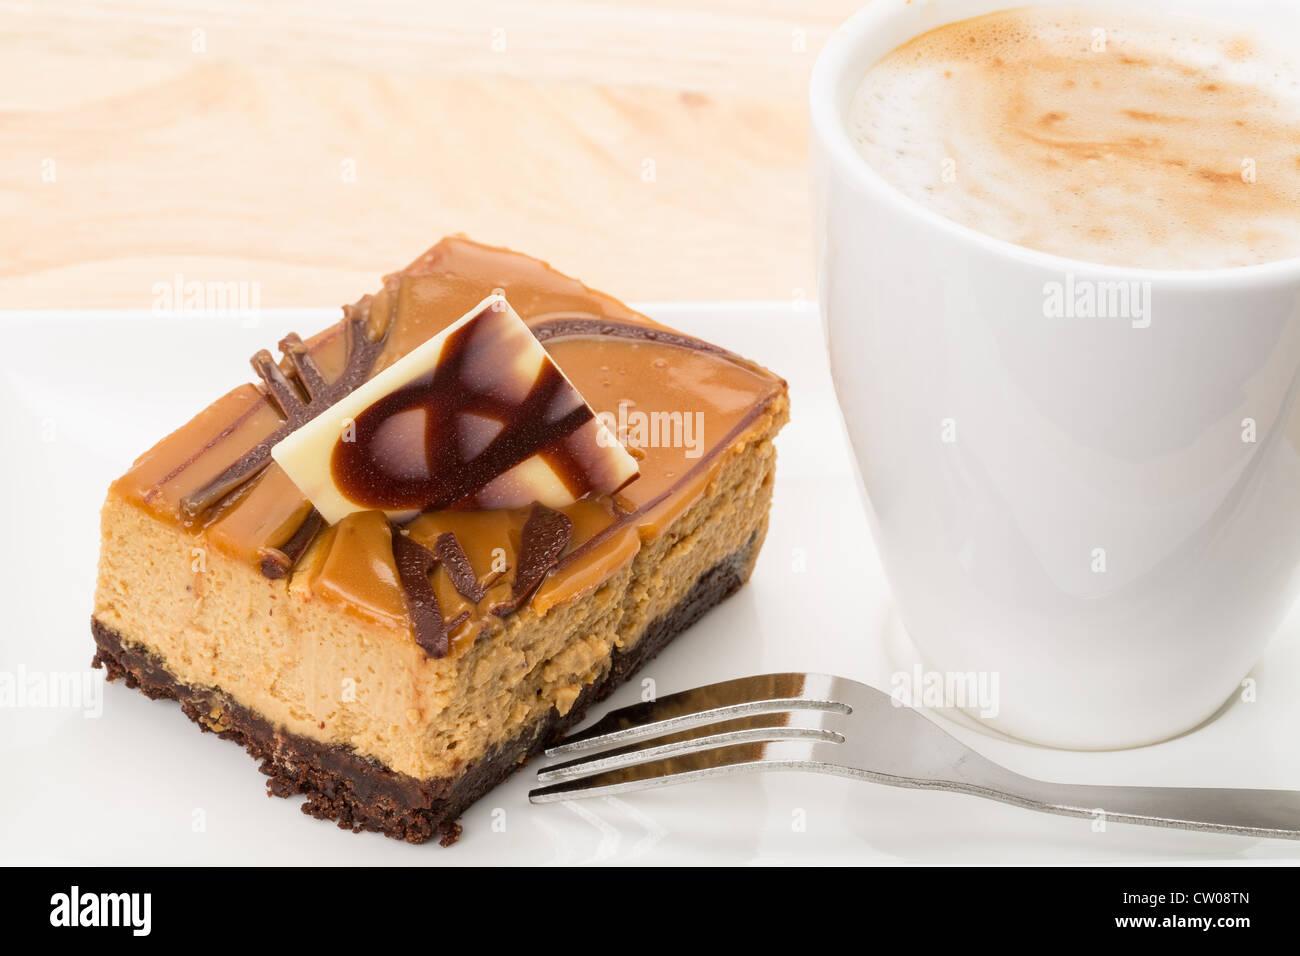 Tranche de gâteau au fromage au caramel avec une tasse de café - studio shot Photo Stock